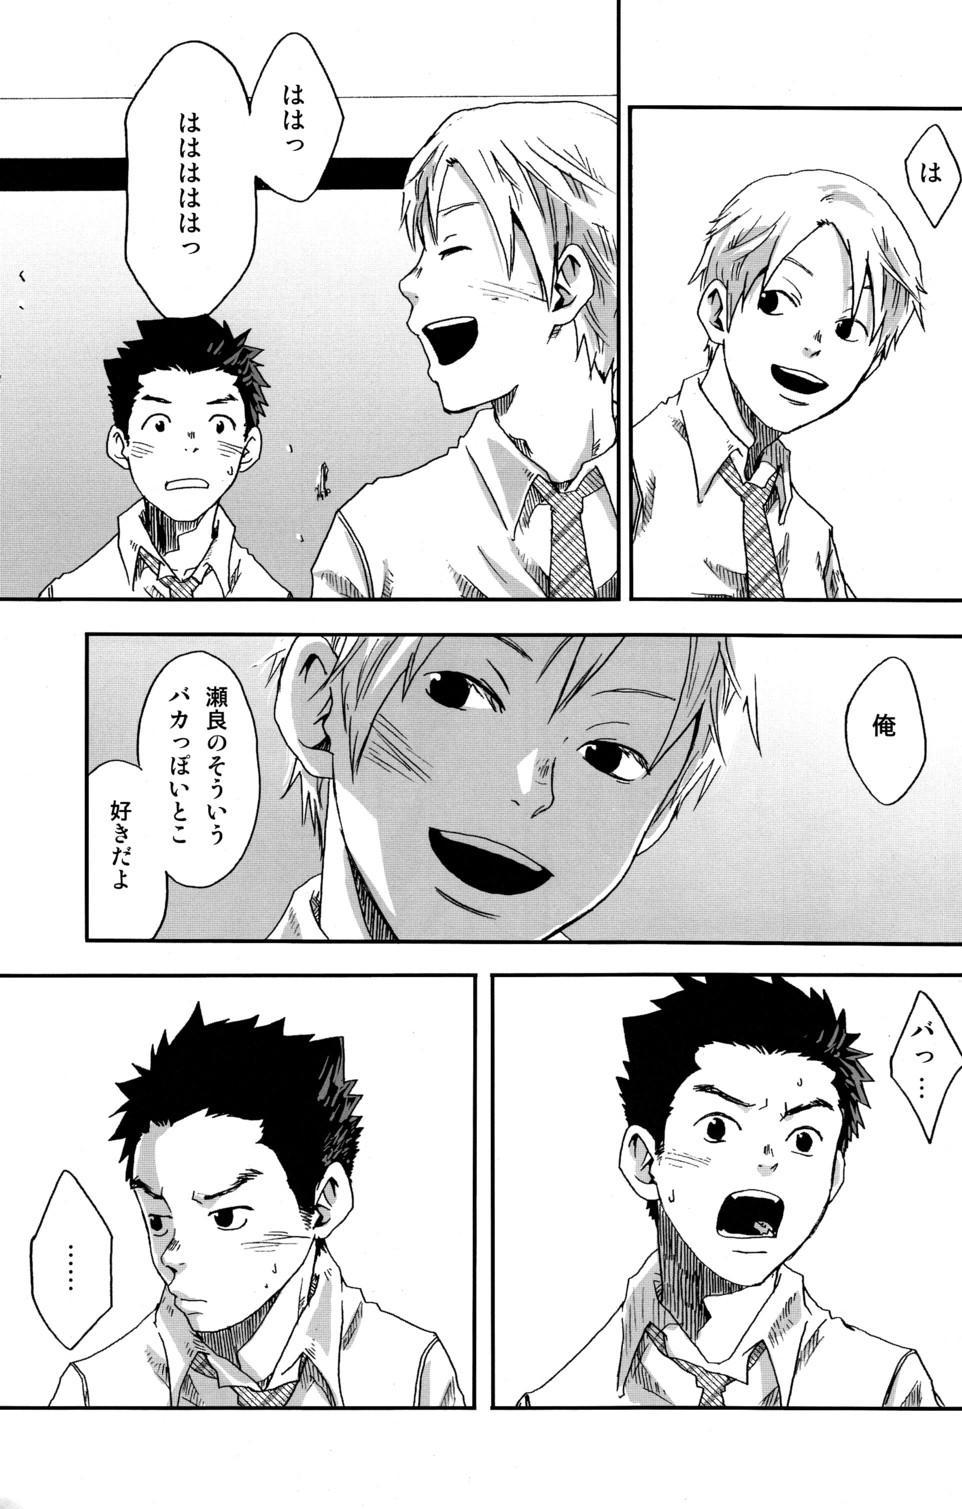 (C78) [Box (Tsukumo Gou)] 【19号(つくも号)】そう言って君は笑うSou Itte Kimi wa Warau 34